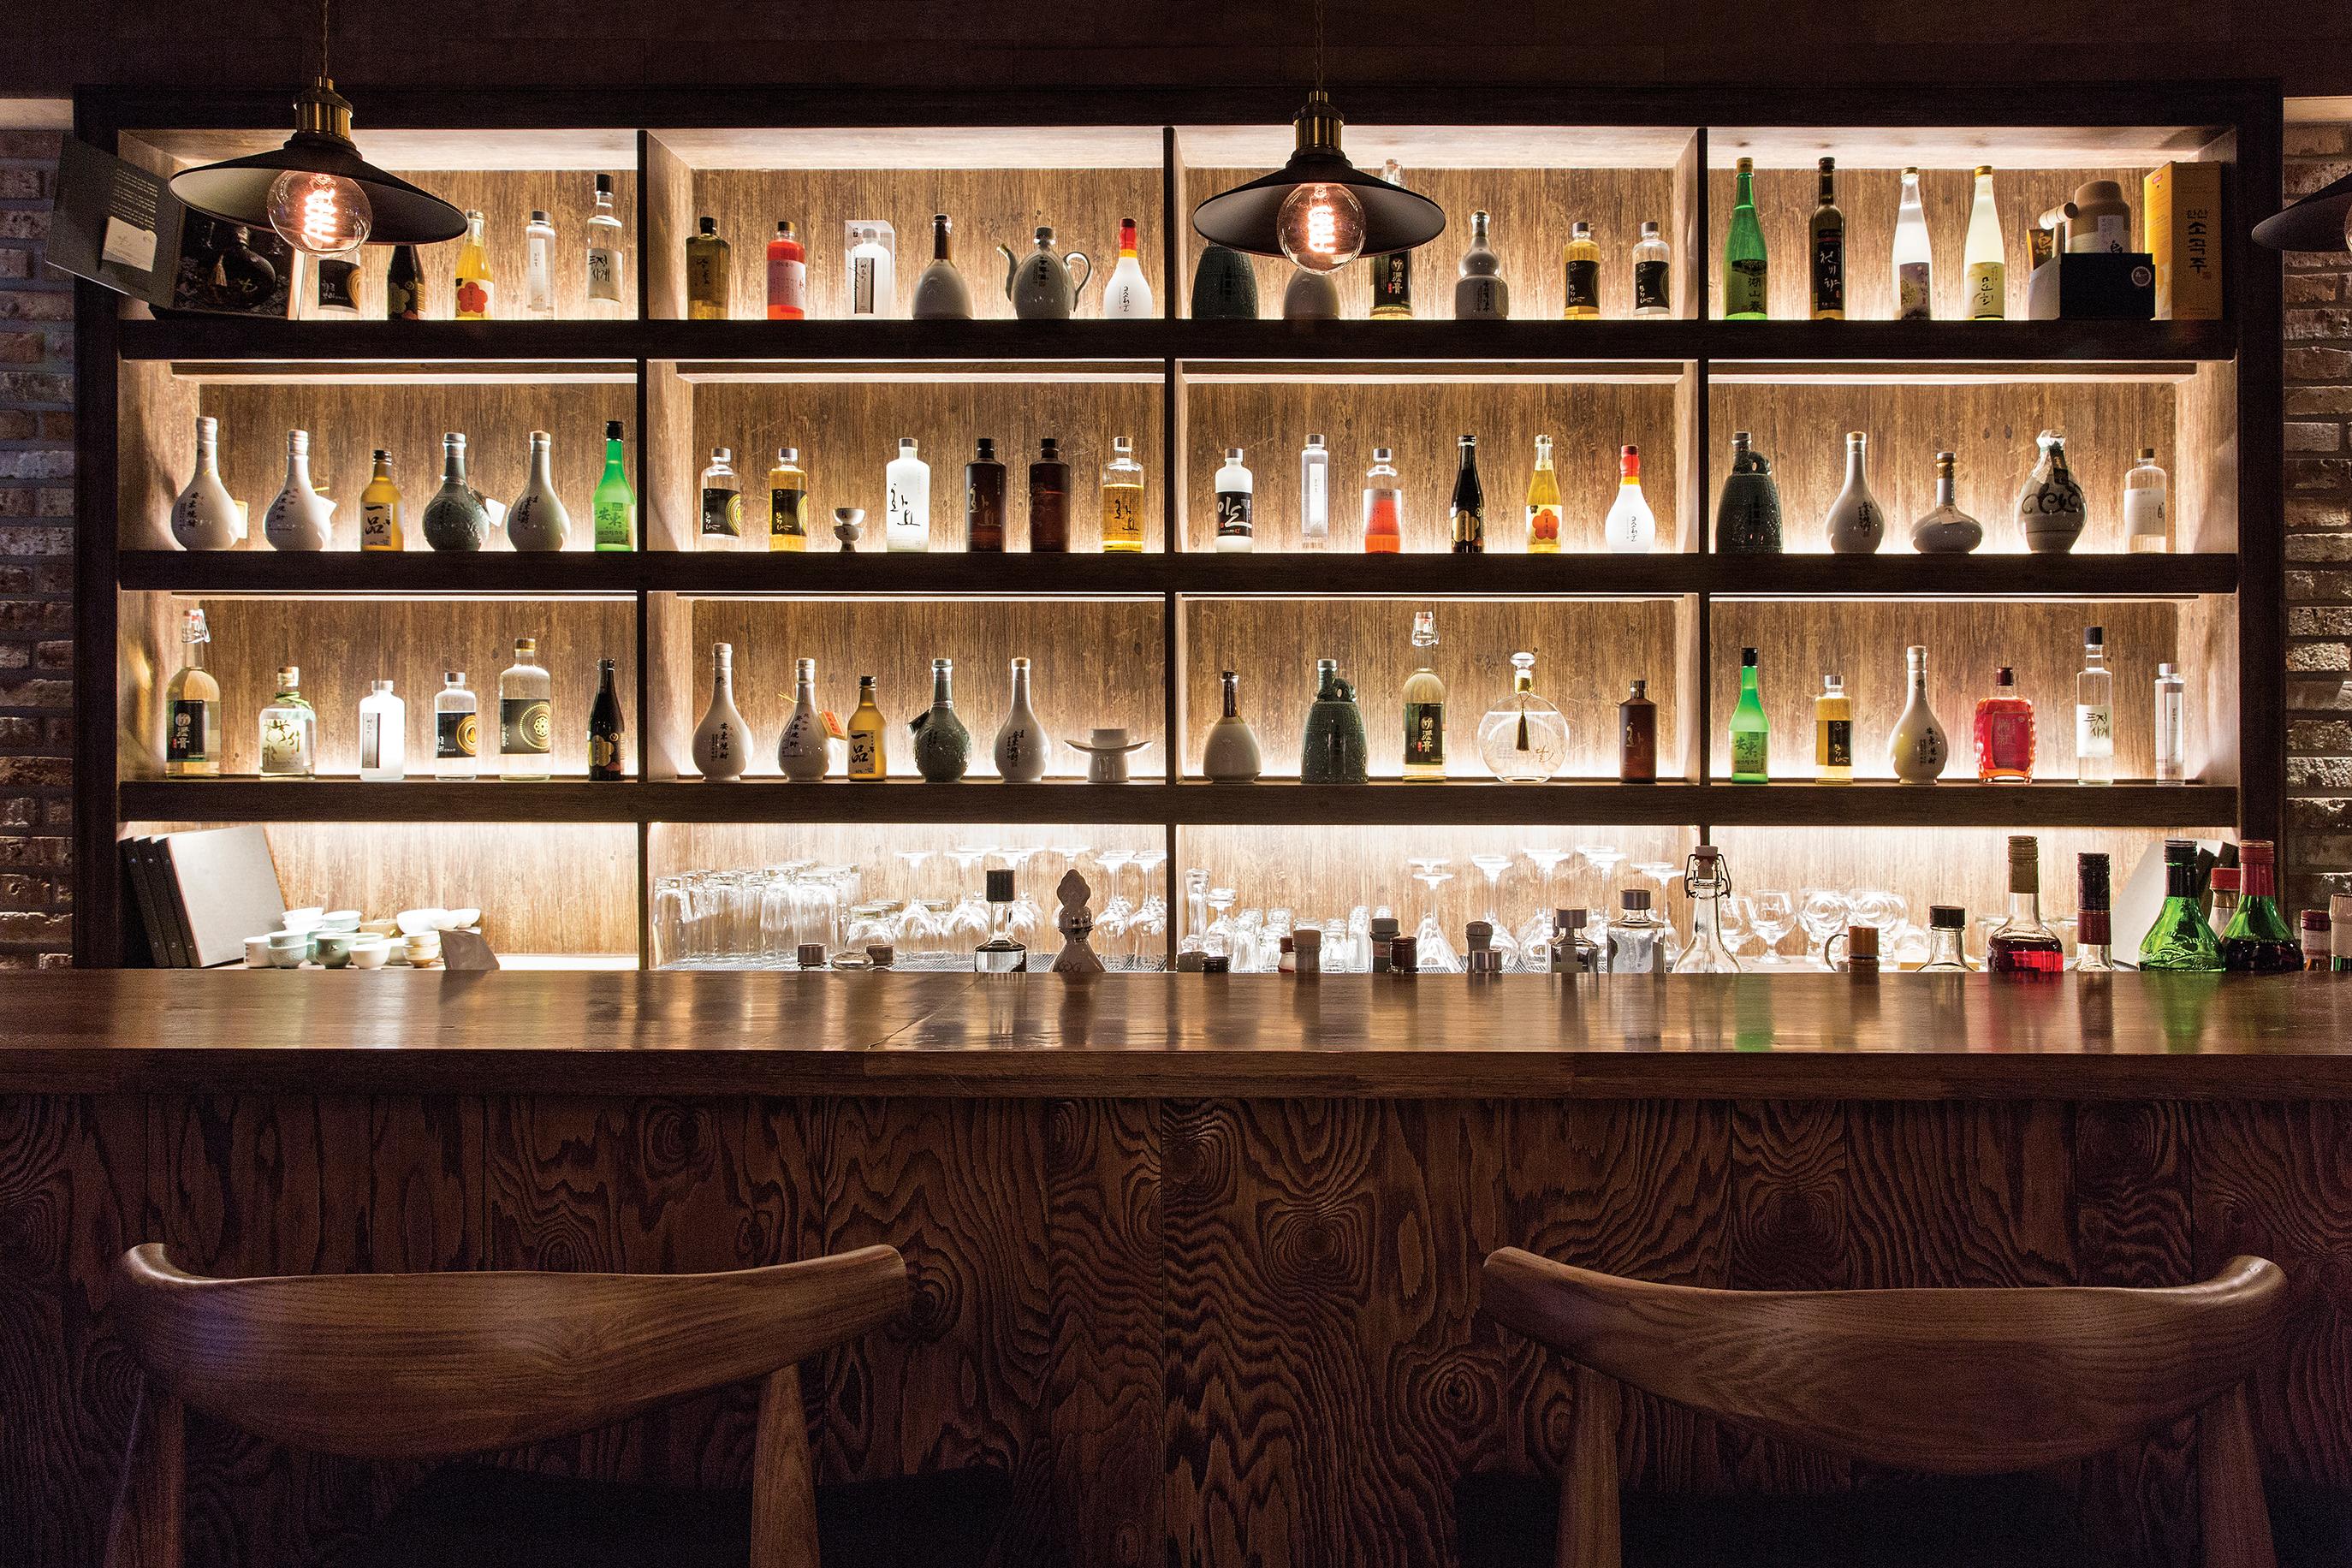 전통주를 음미할 수 있는 술집 네 곳을 소개한다.